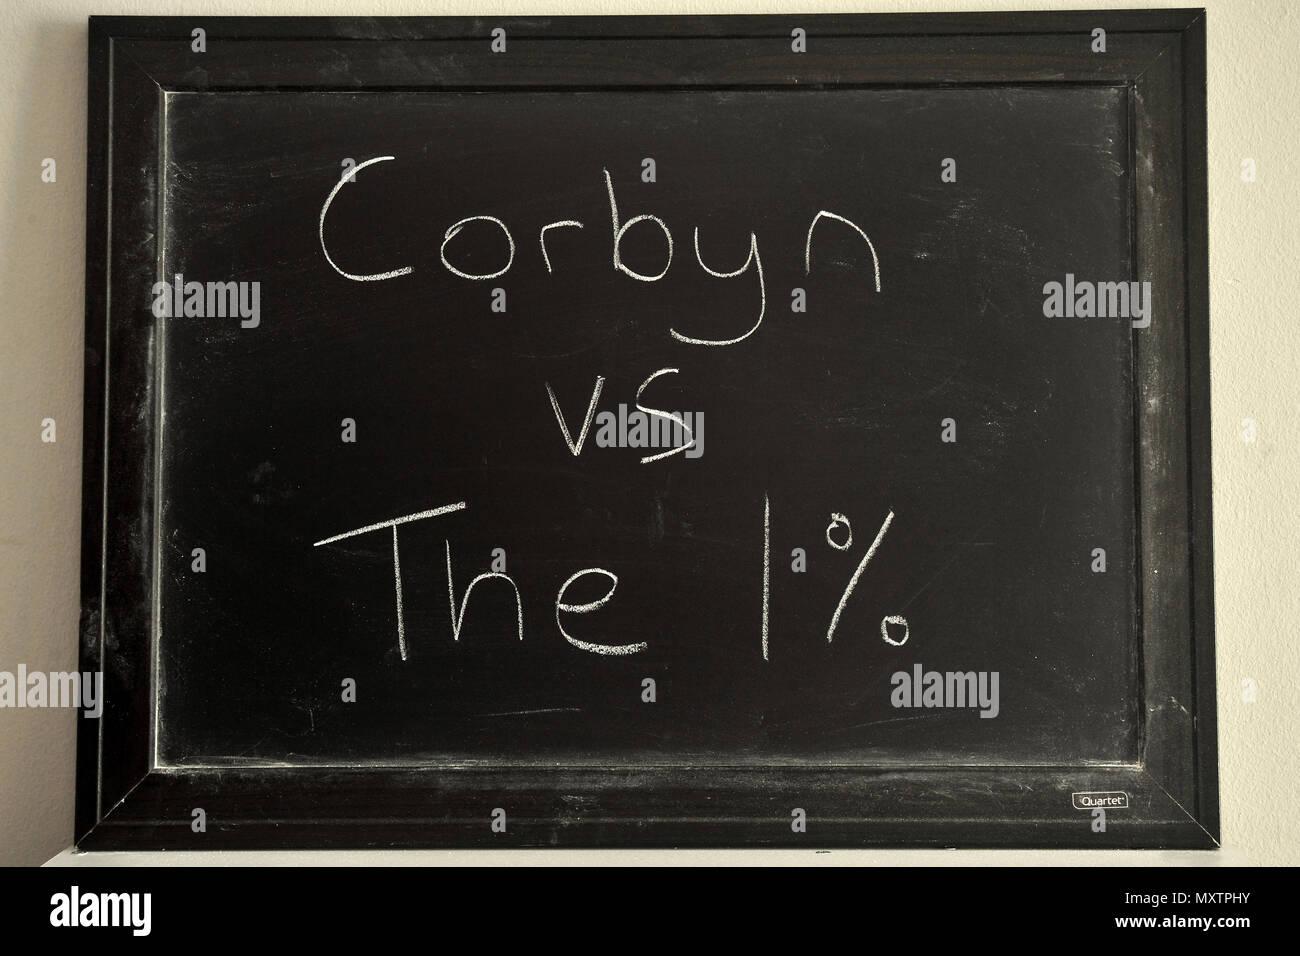 Corbyn vs The 1% written in white chalk on a blackboard. - Stock Image